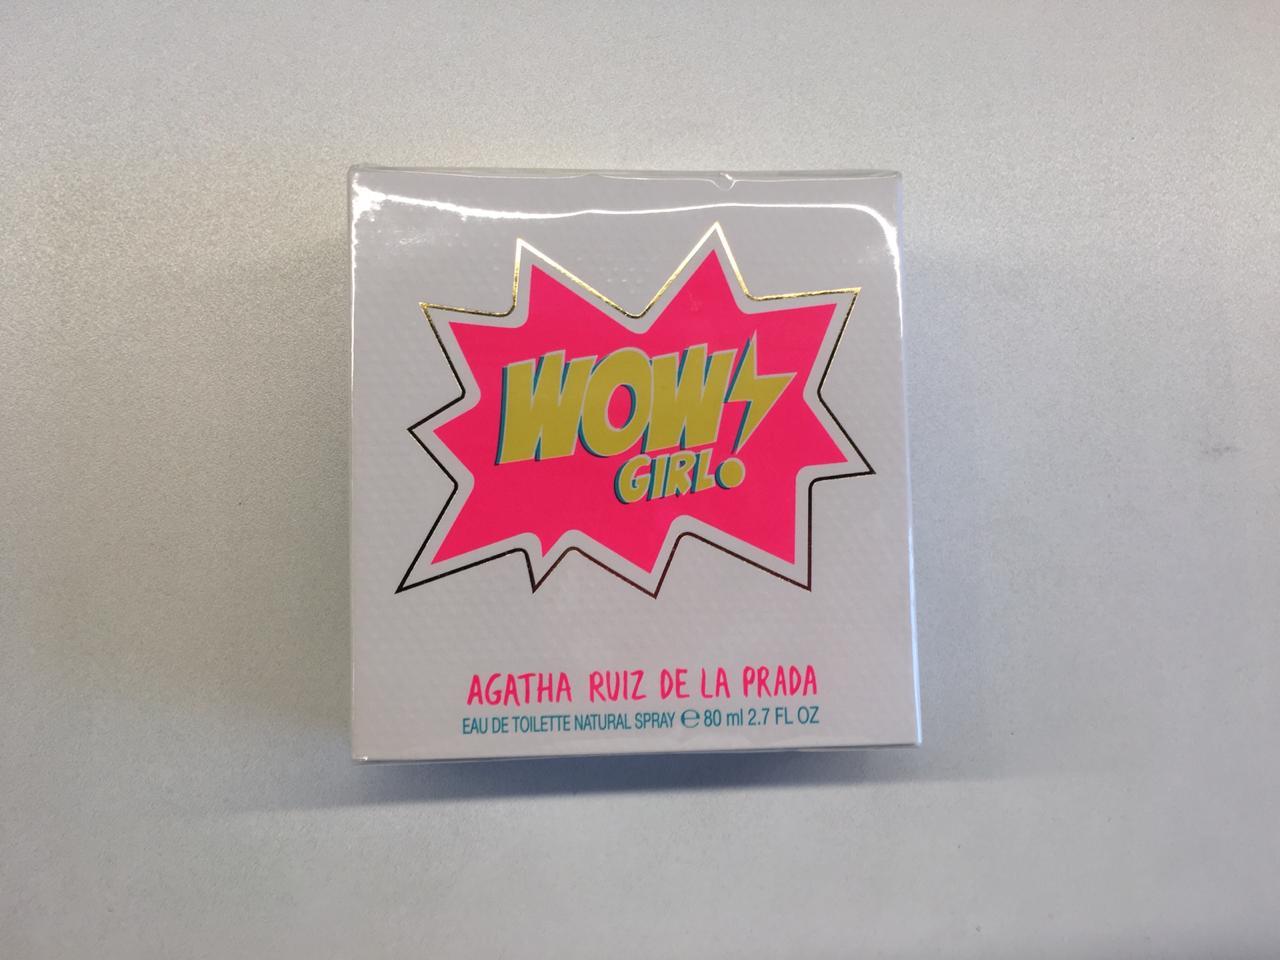 WOW Girl! de Agatha Ruiz de la Prada es una fragancia dulce para mujeres con una personalidad de una Power Girl